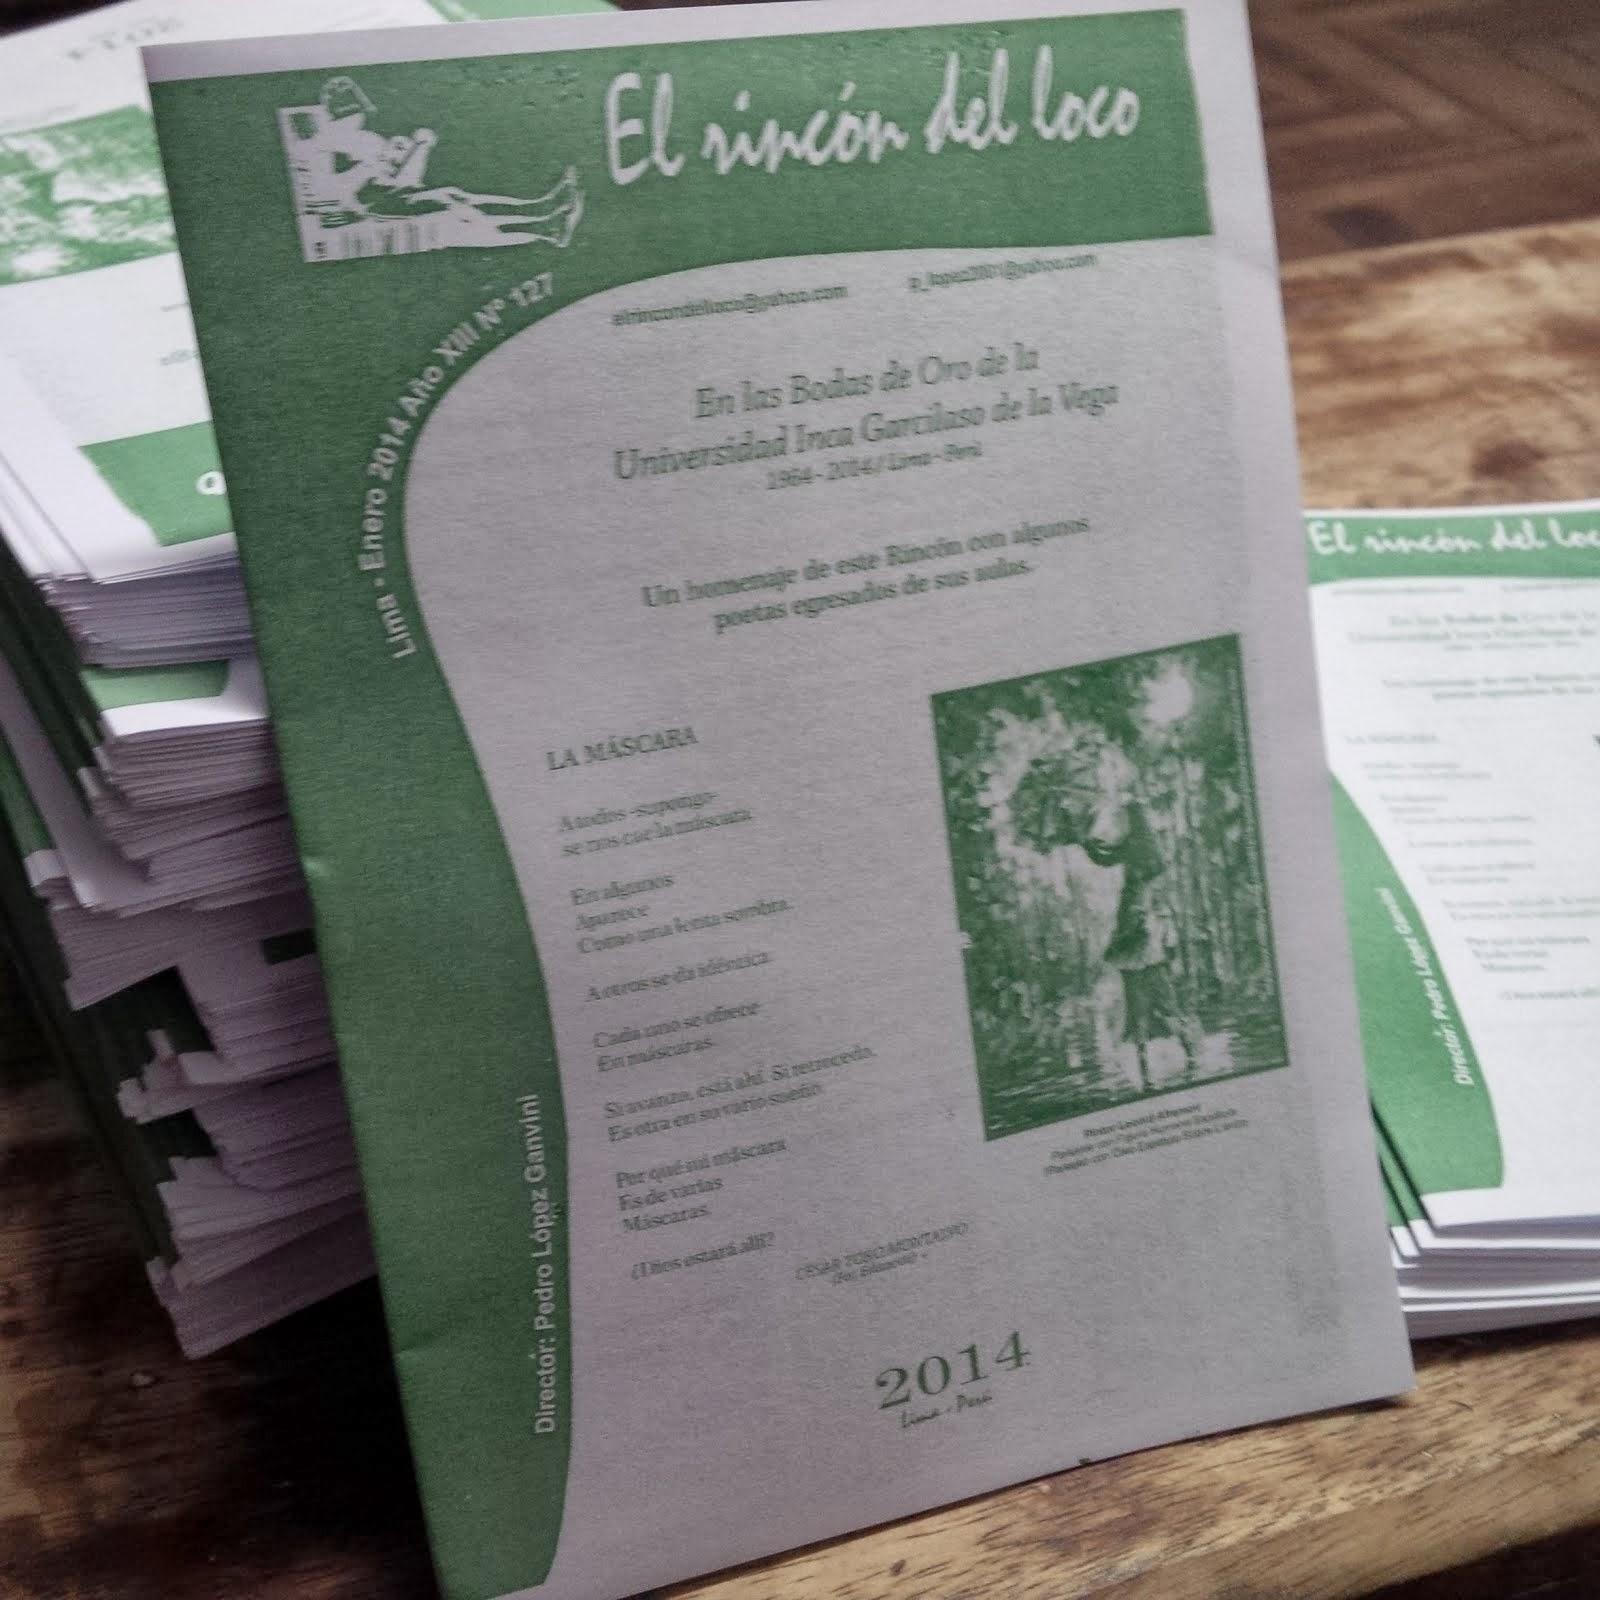 Rincón del loco 2014